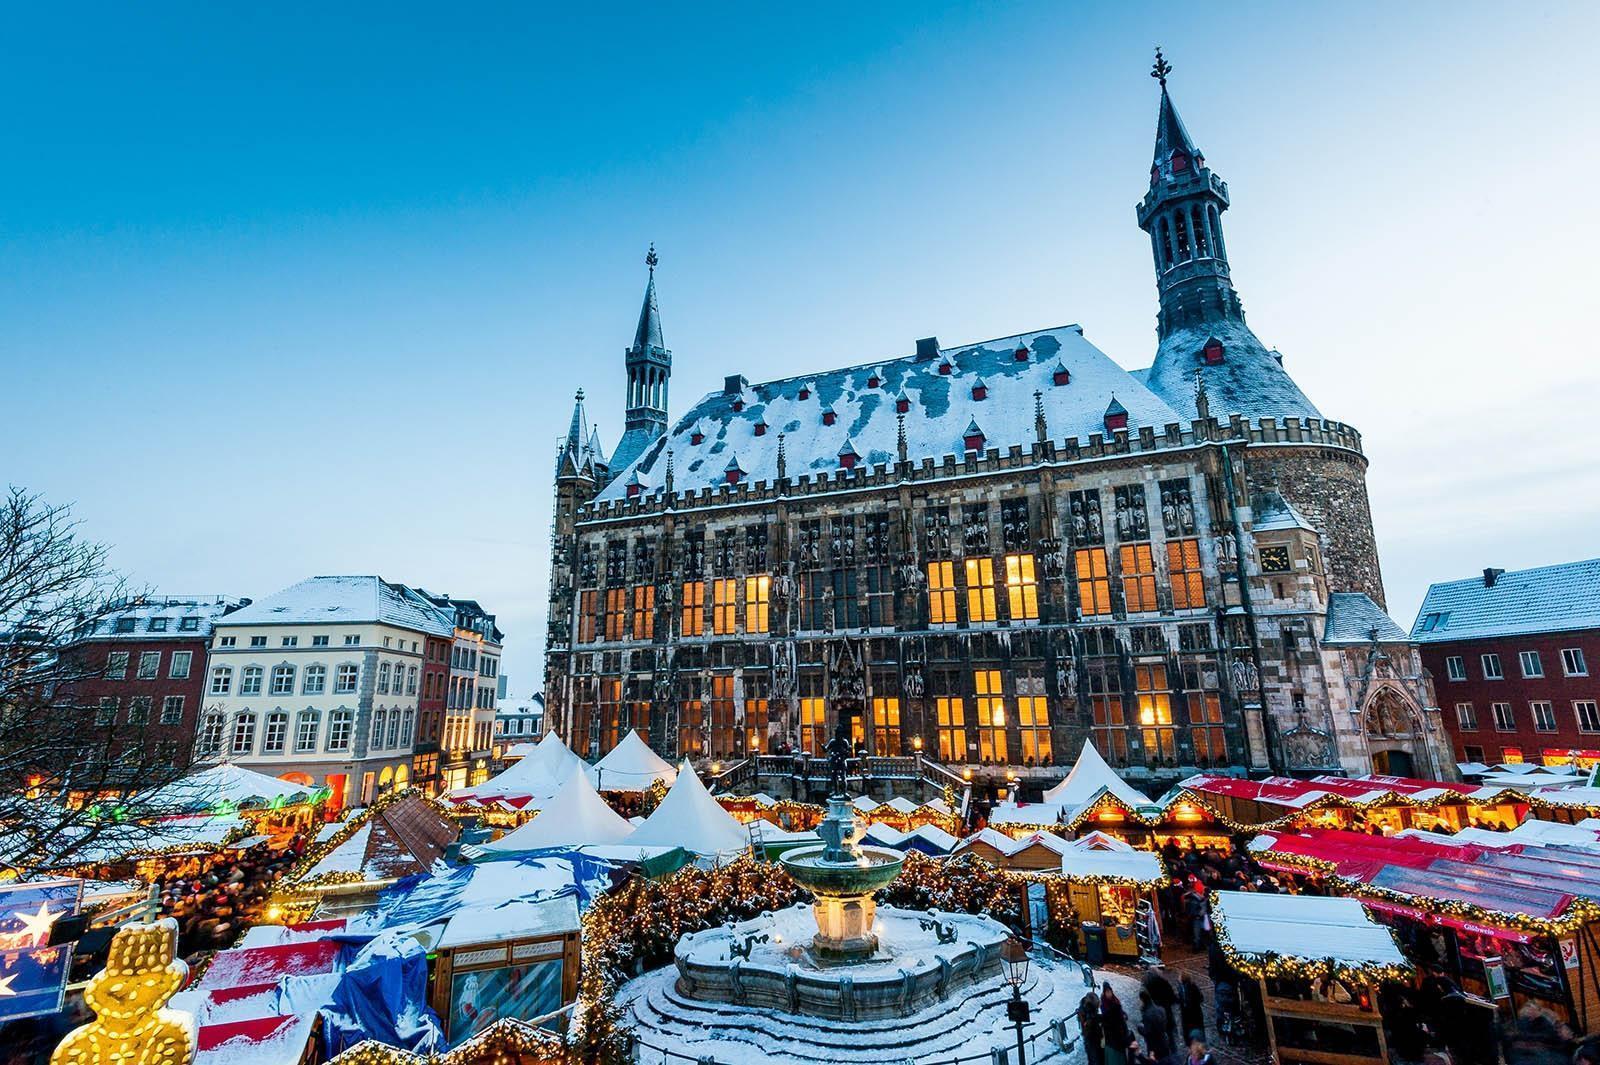 Kerstmarkt Aken 2019 Bezoeken Wandeling Langs De Kerstmarkten